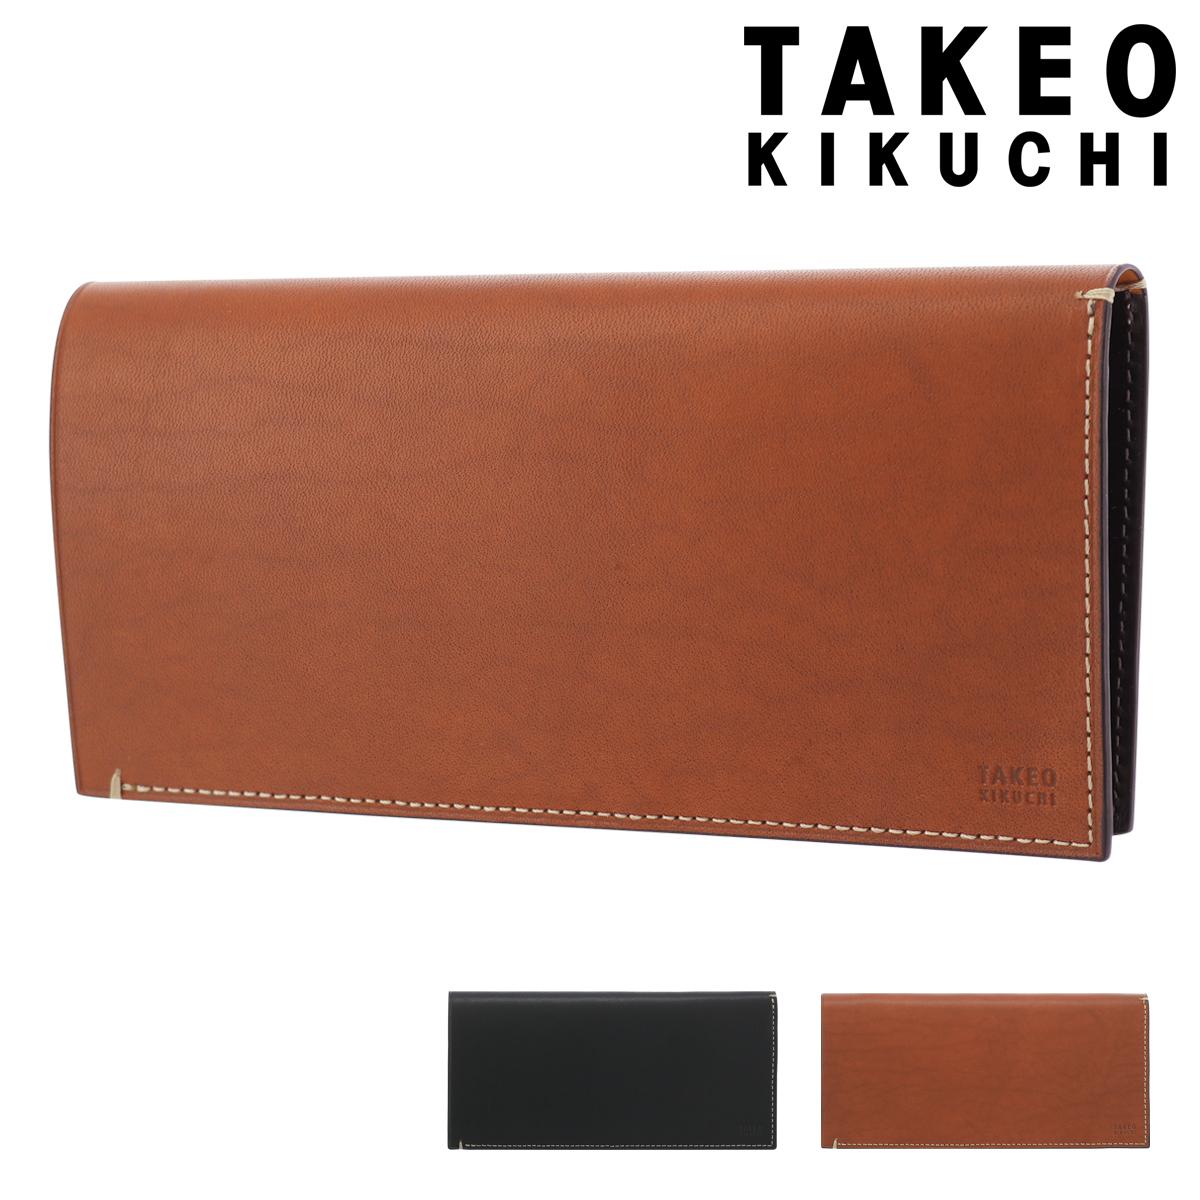 タケオキクチ 長財布 かぶせ スタック メンズ 742616 TAKEO KIKUCHI | 牛革 本革 レザー [PO5][即日発送]